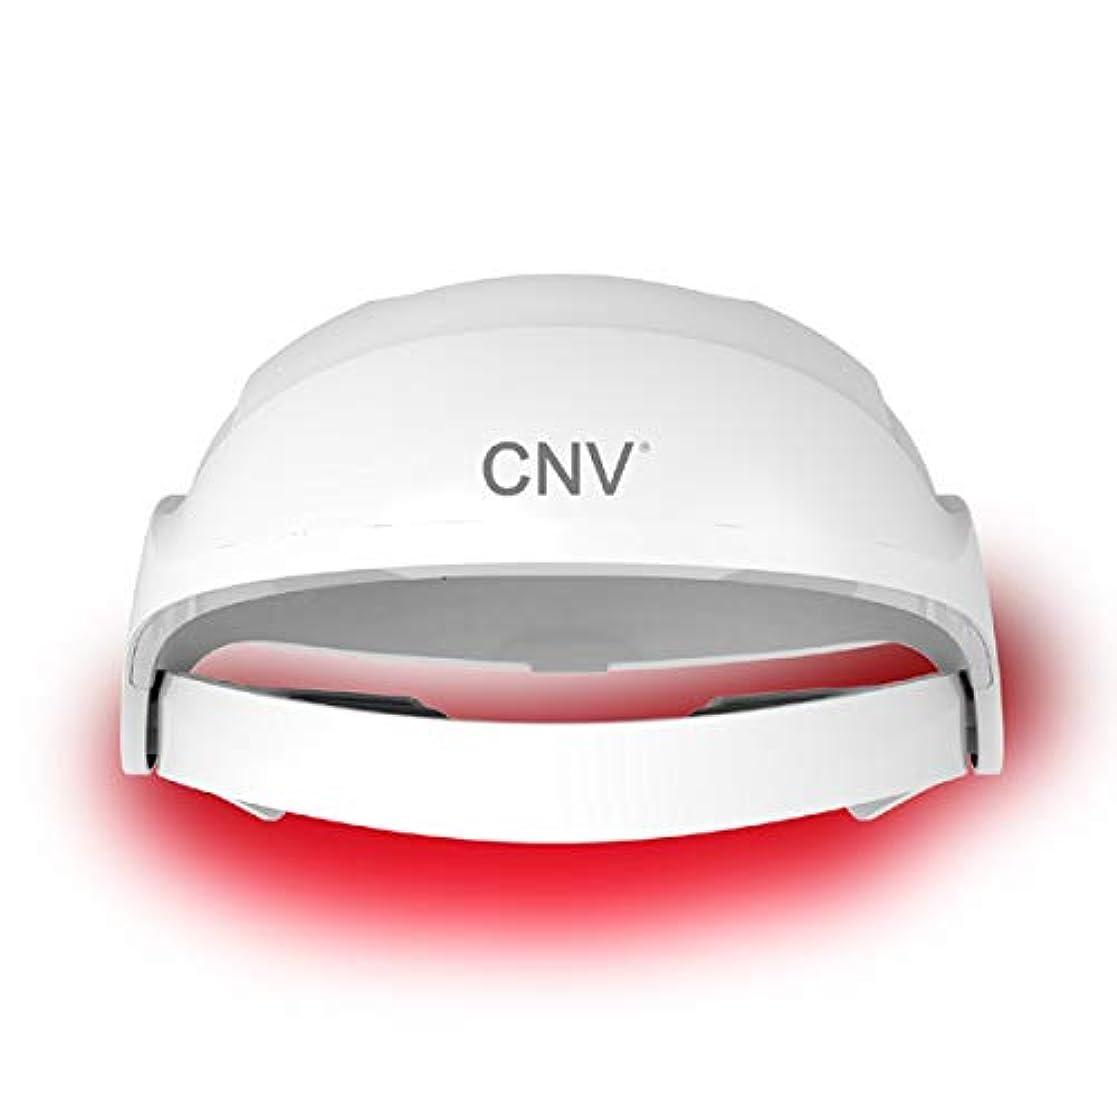 インセンティブかる解くCNVヘルメット型 低出力レーザー器 発毛レーザー 薄毛、脱毛治療 ヘアーレーザー育毛ヘルメット(男女共用)薄毛、脱毛治療 (白)